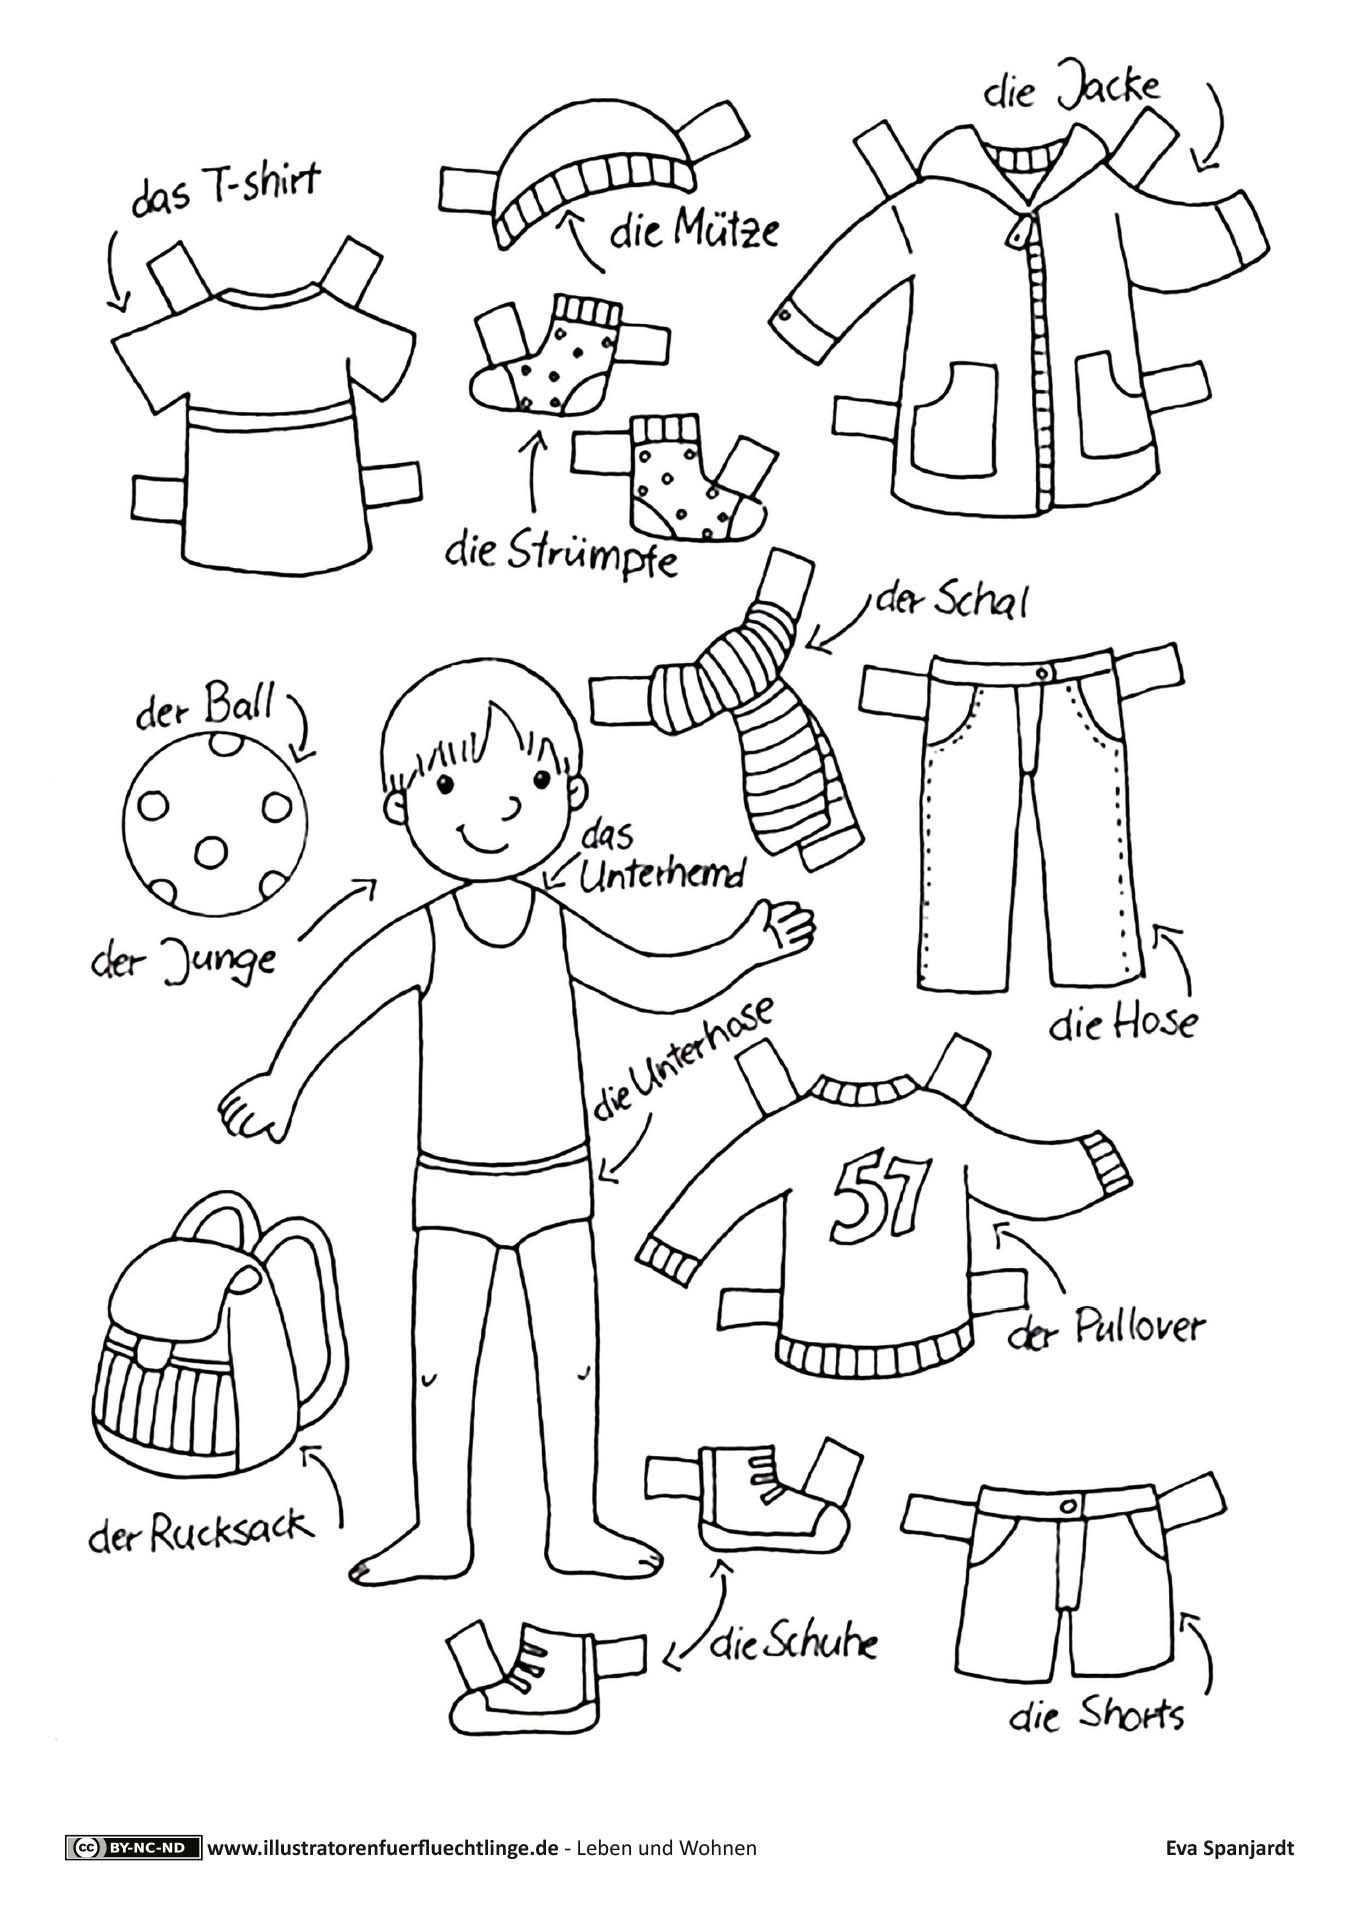 Download Als Pdf Leben Und Wohnen Kleidung Anziehpuppe Junge Spanjardt Kinder Lernen Kindergartenthemen Vorschule